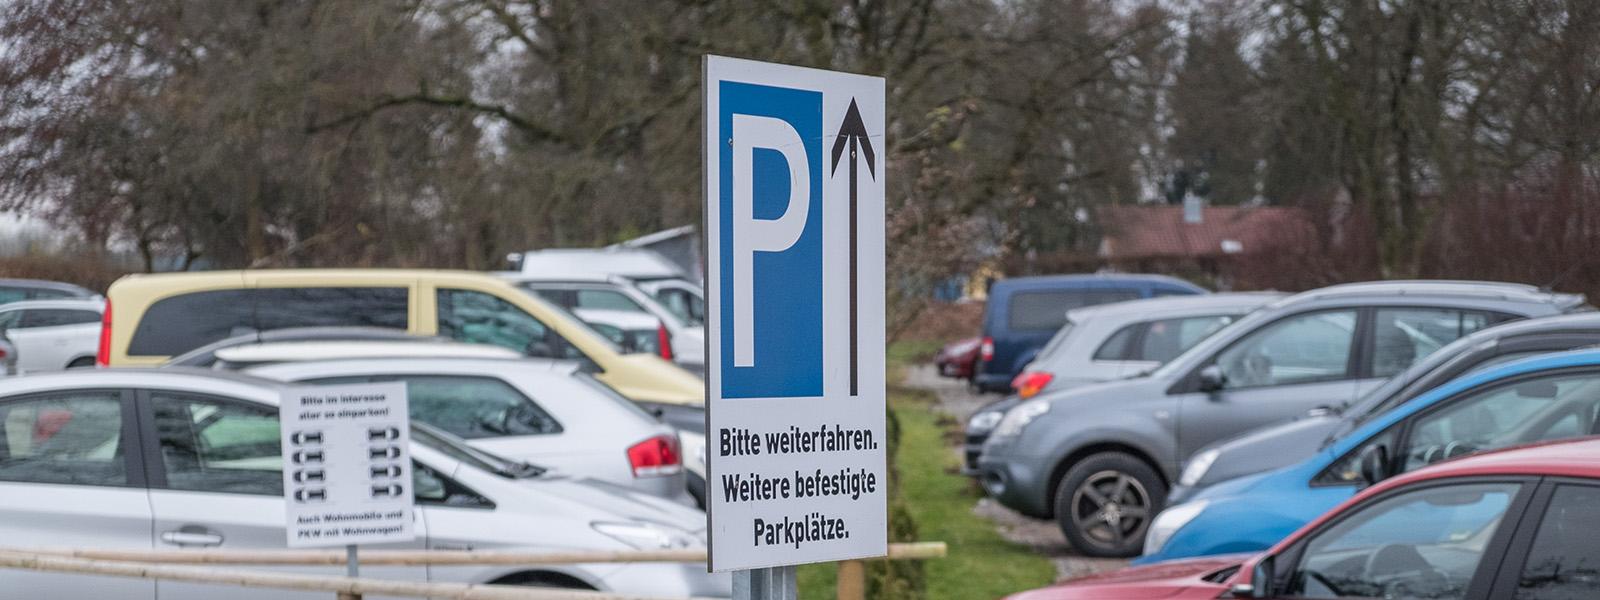 parkplatz_16x6